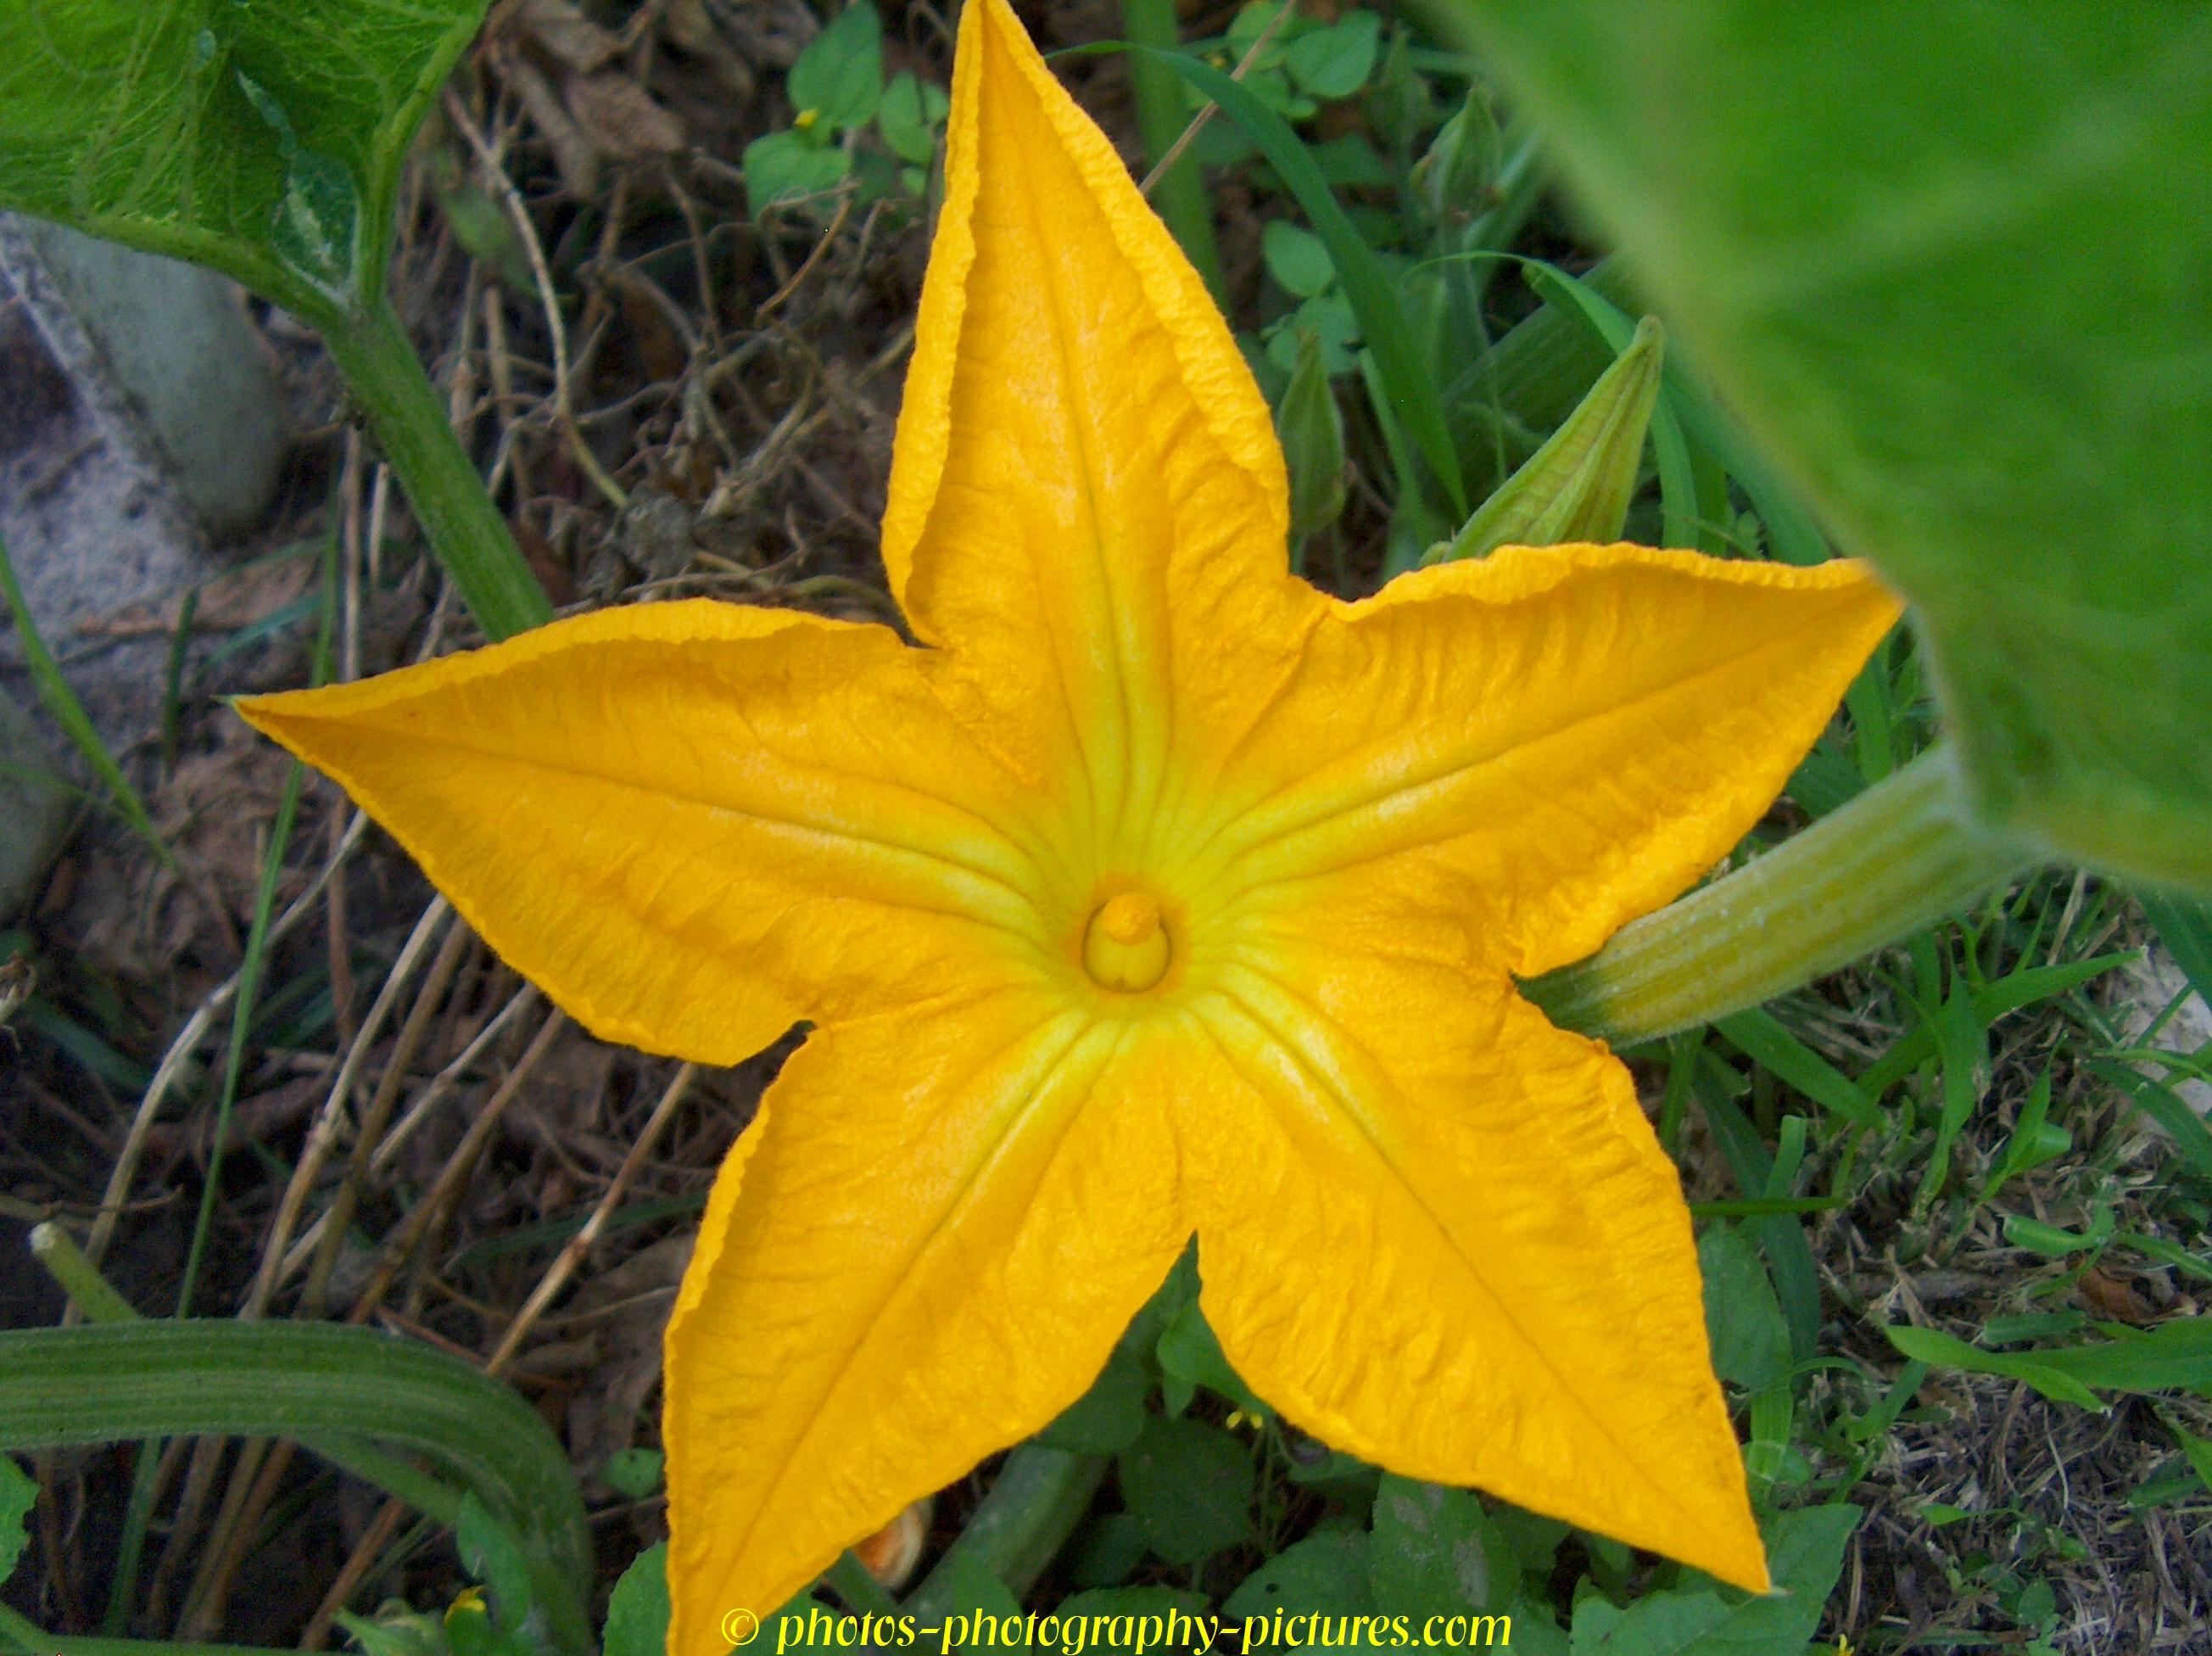 Drawn pumpkin pumpkin flower Flower Flower Pumpkin Flowers Pumpkin